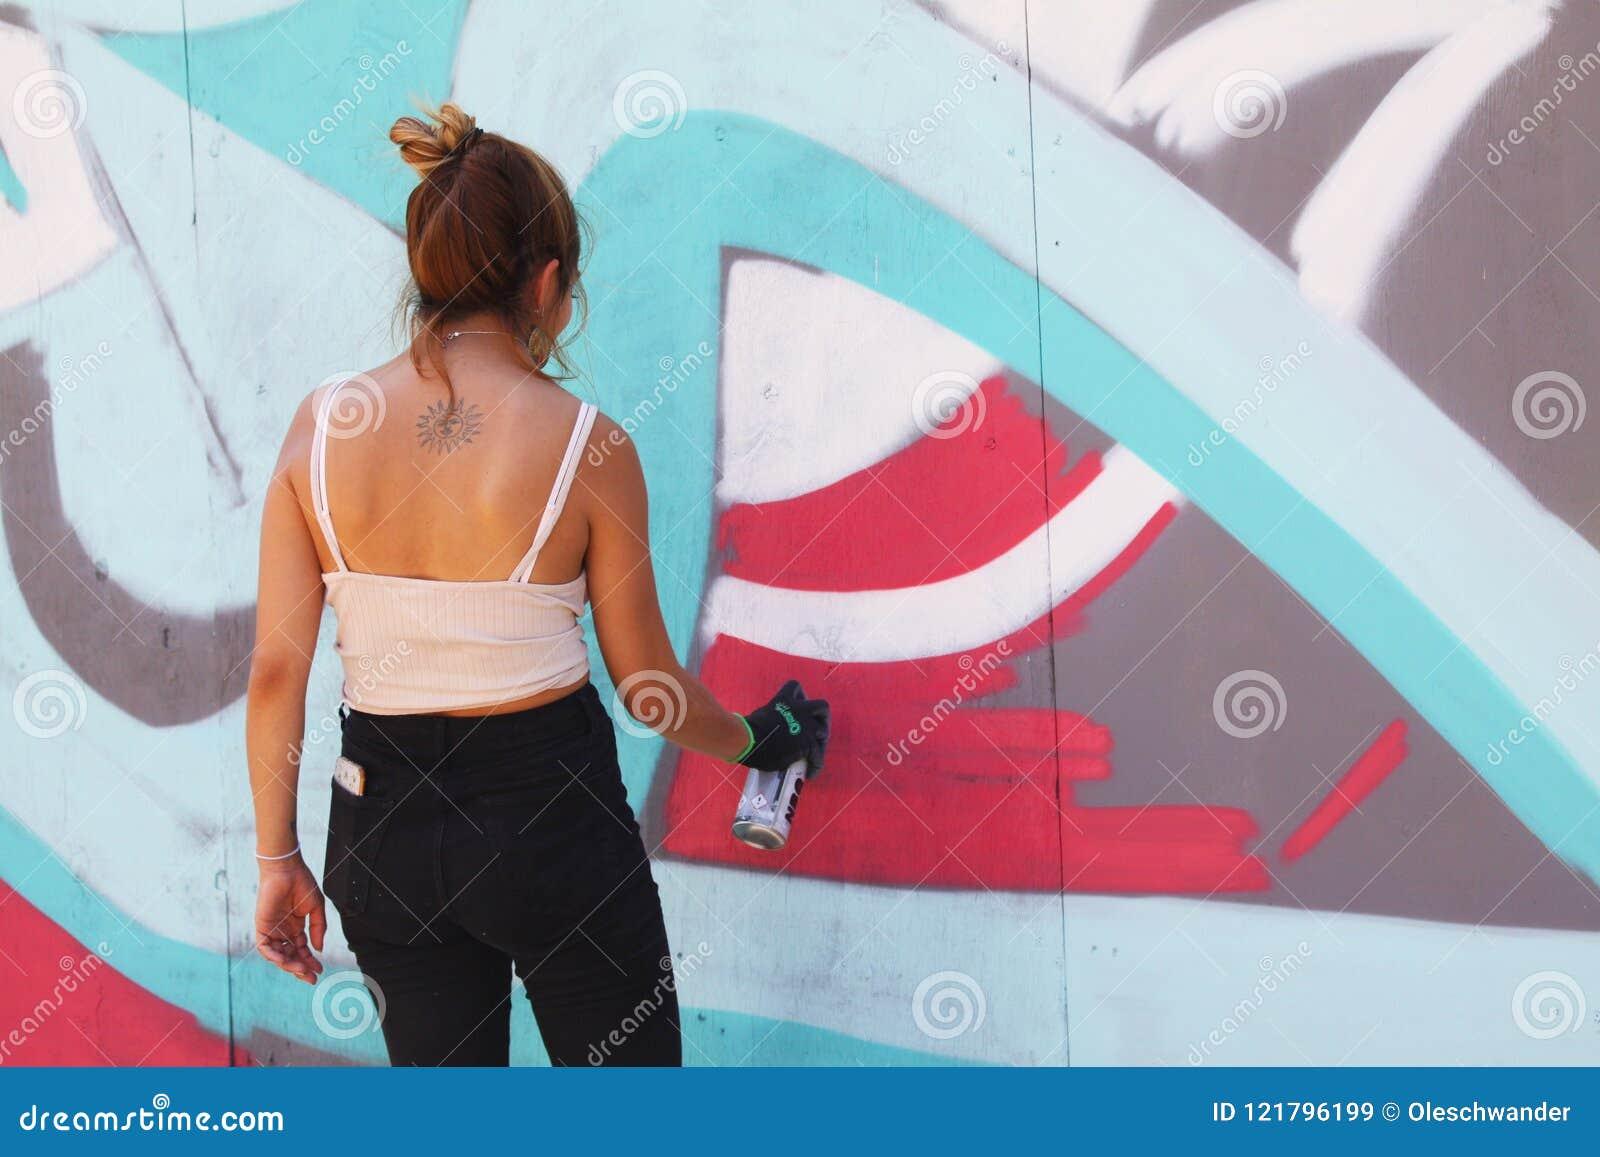 Artiste Féminin De Rue Peignant Le Graffiti Coloré Sur Le